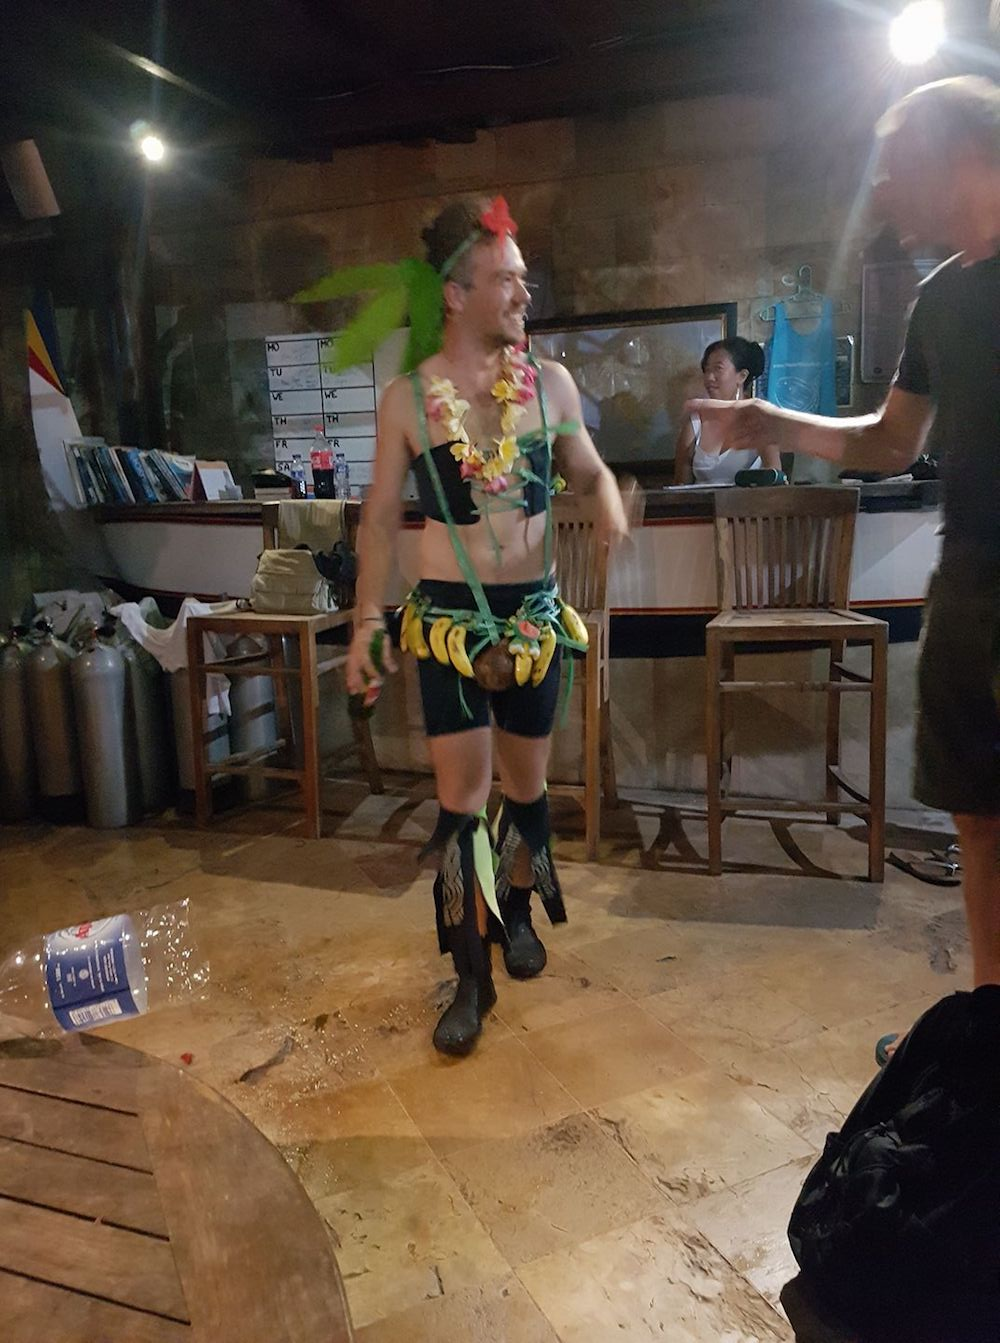 Ein Foto, als ich zum Divemaster gemacht wurde (Das Outfit musste ich den ganzen Abend tragen